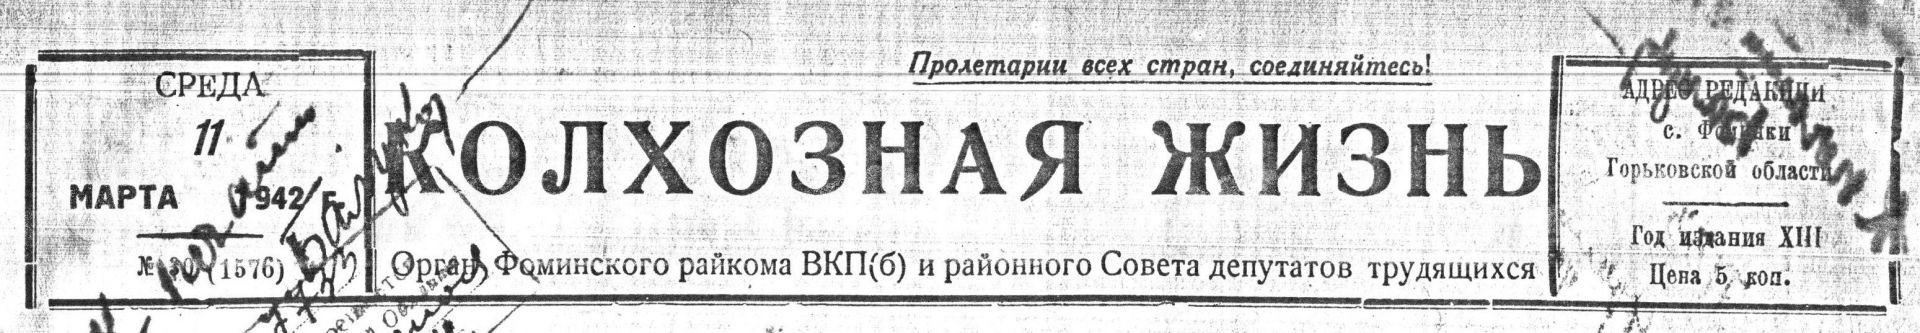 Фоминская районная газета «Колхозная жизнь»